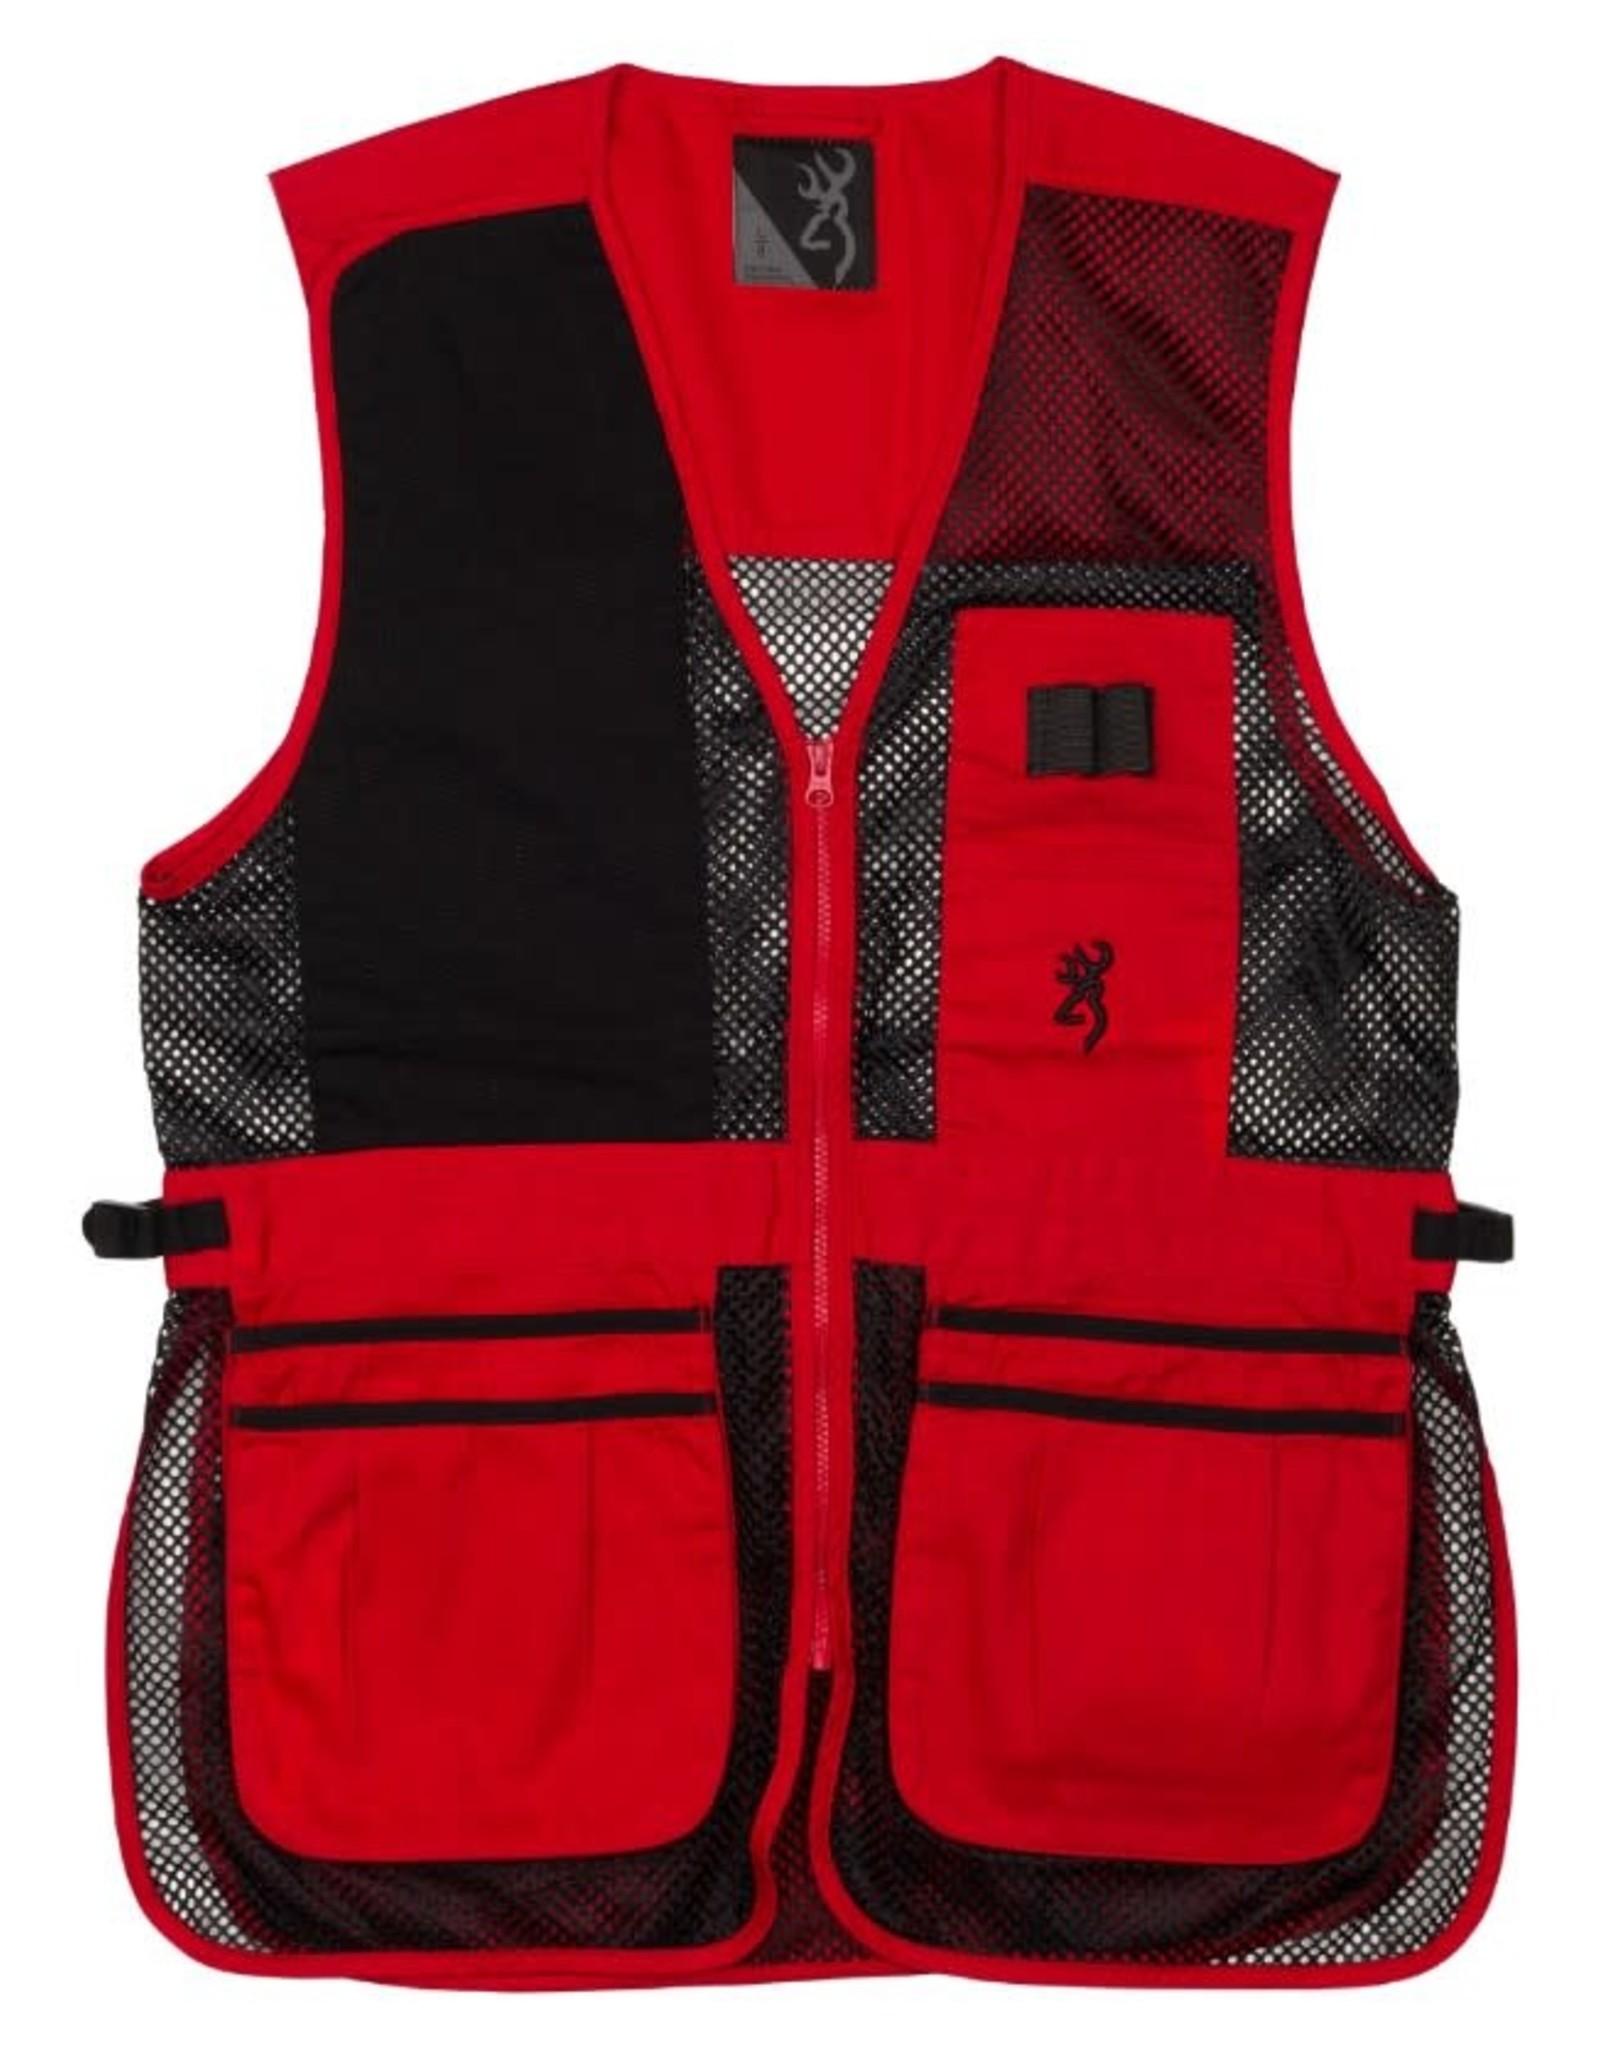 Browning Trapper Creek Vest - Blk/Red - LG